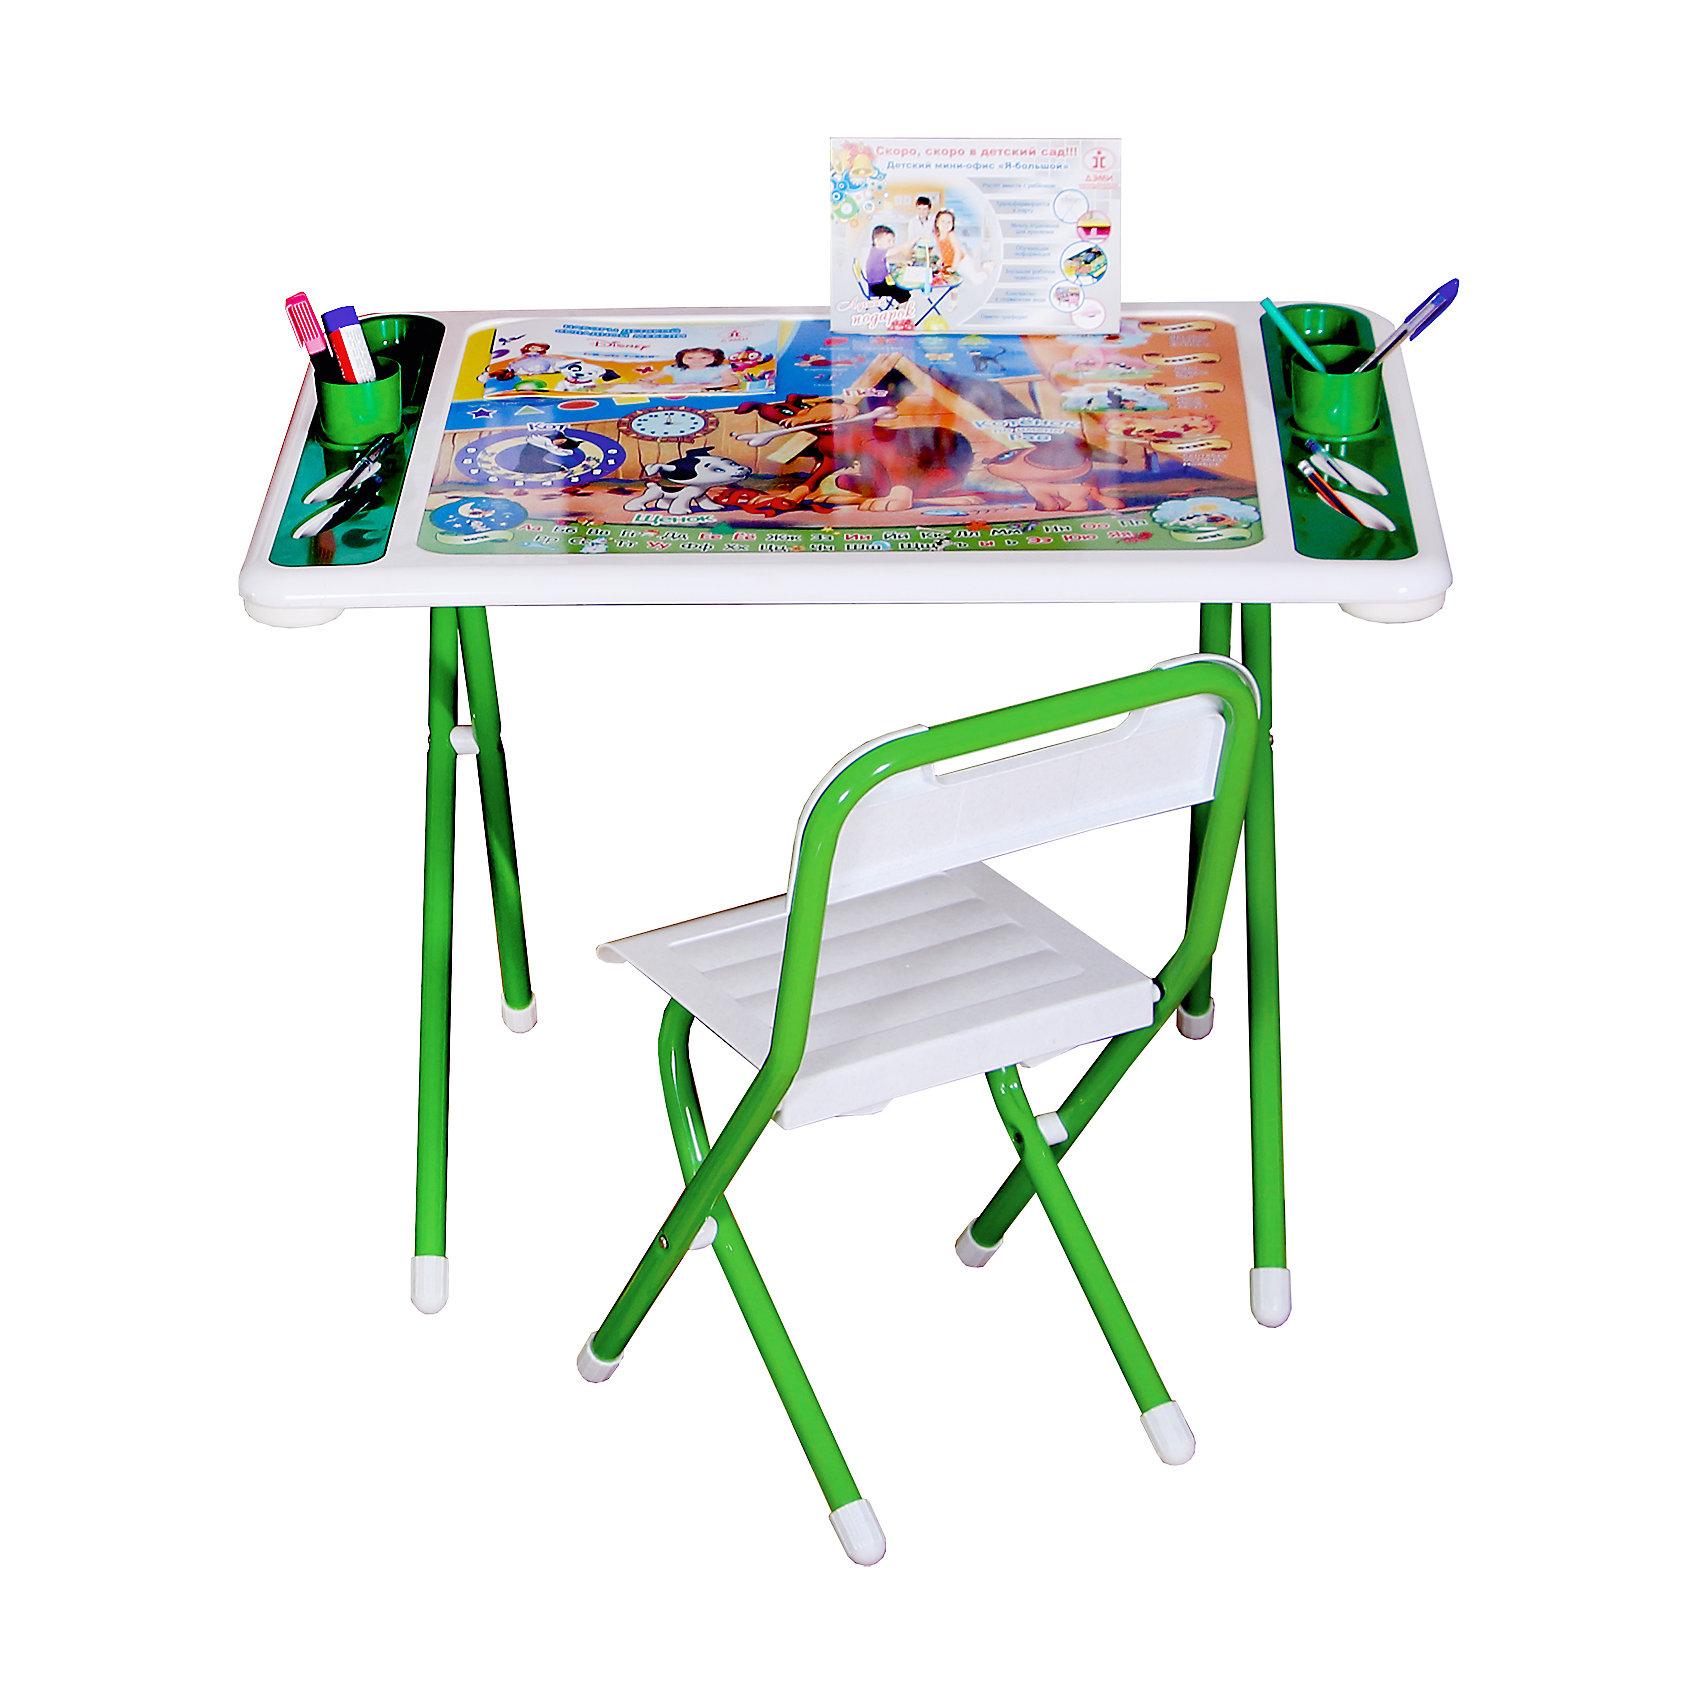 Набор мебели Котенок по имени Гав, Дэми, бело-зеленыйСоветские мультфильмы<br>Набор мебели Котенок по имени Гав – это полностью оборудованное место для творчества и занятий вашего малыша.<br>Набор складной детской мебели Котенок по имени Гав предназначен для детей от 3 до 7 лет. Ее легко развернуть и так же легко убрать. Чтобы свернуть рабочее место, нужно всего лишь сложить ножки стола и стула – и поместить набор вдоль стены, в шкаф или за мебель. Рабочая поверхность стола, сиденье и спинка стула сделаны из прочной пластмассы, имеют закругленные края и защитные бортики. Устойчивые металлические ножки имеют пластмассовые заглушки. Мебель спроектирована при участии врачей-ортопедов, поэтому занятия для ребенка проходят с комфортом. Он держит спину ровно и правильно распределяет нагрузку на позвоночник благодаря слегка отклоненной спинке стула. Расстояние от глаз до учебных материалов на столе также является оптимальным. На столешнице красуются не только главные герои мультфильма Котенок по имени Гав, но и веселые развивающие шпаргалки! Ребенок изучит алфавит и цифры от 0 до 9, познакомится с геометрическими фигурами и цветами, временами года и суток. По краям столешницы расположены органайзеры для канцелярских принадлежностей, а также пазы-держатели для стаканчиков. Два стаканчика для рисования также в комплекте. Набор мебели обеспечит вашему ребенку занятия учебой и творчеством в наиболее удобной обстановке.<br><br>Дополнительная информация:<br><br>- В комплекте: стол, стул, 2 стаканчика, руководство по эксплуатации<br>- Комплект предназначен для детей ростом 130-145 см.<br>- Максимальная нагрузка на стул: 30 кг.<br>- Материал: пластик, металл<br>- Цвет: белый, зеленый<br>- Размер столешницы: 800х550 мм.<br>- Высота стола от пола: 580 мм.<br>- Размер сиденья стула: 340х360 мм.<br>- Высота сиденья от пола: 345 мм.<br>- Размер органайзера: 200х55 мм.<br>- Упаковка: картонная коробка<br>- Размер упаковки: 800х740х150 мм.<br>- Вес в упаковке: 10,4 кг.<br><br>Набор мебел